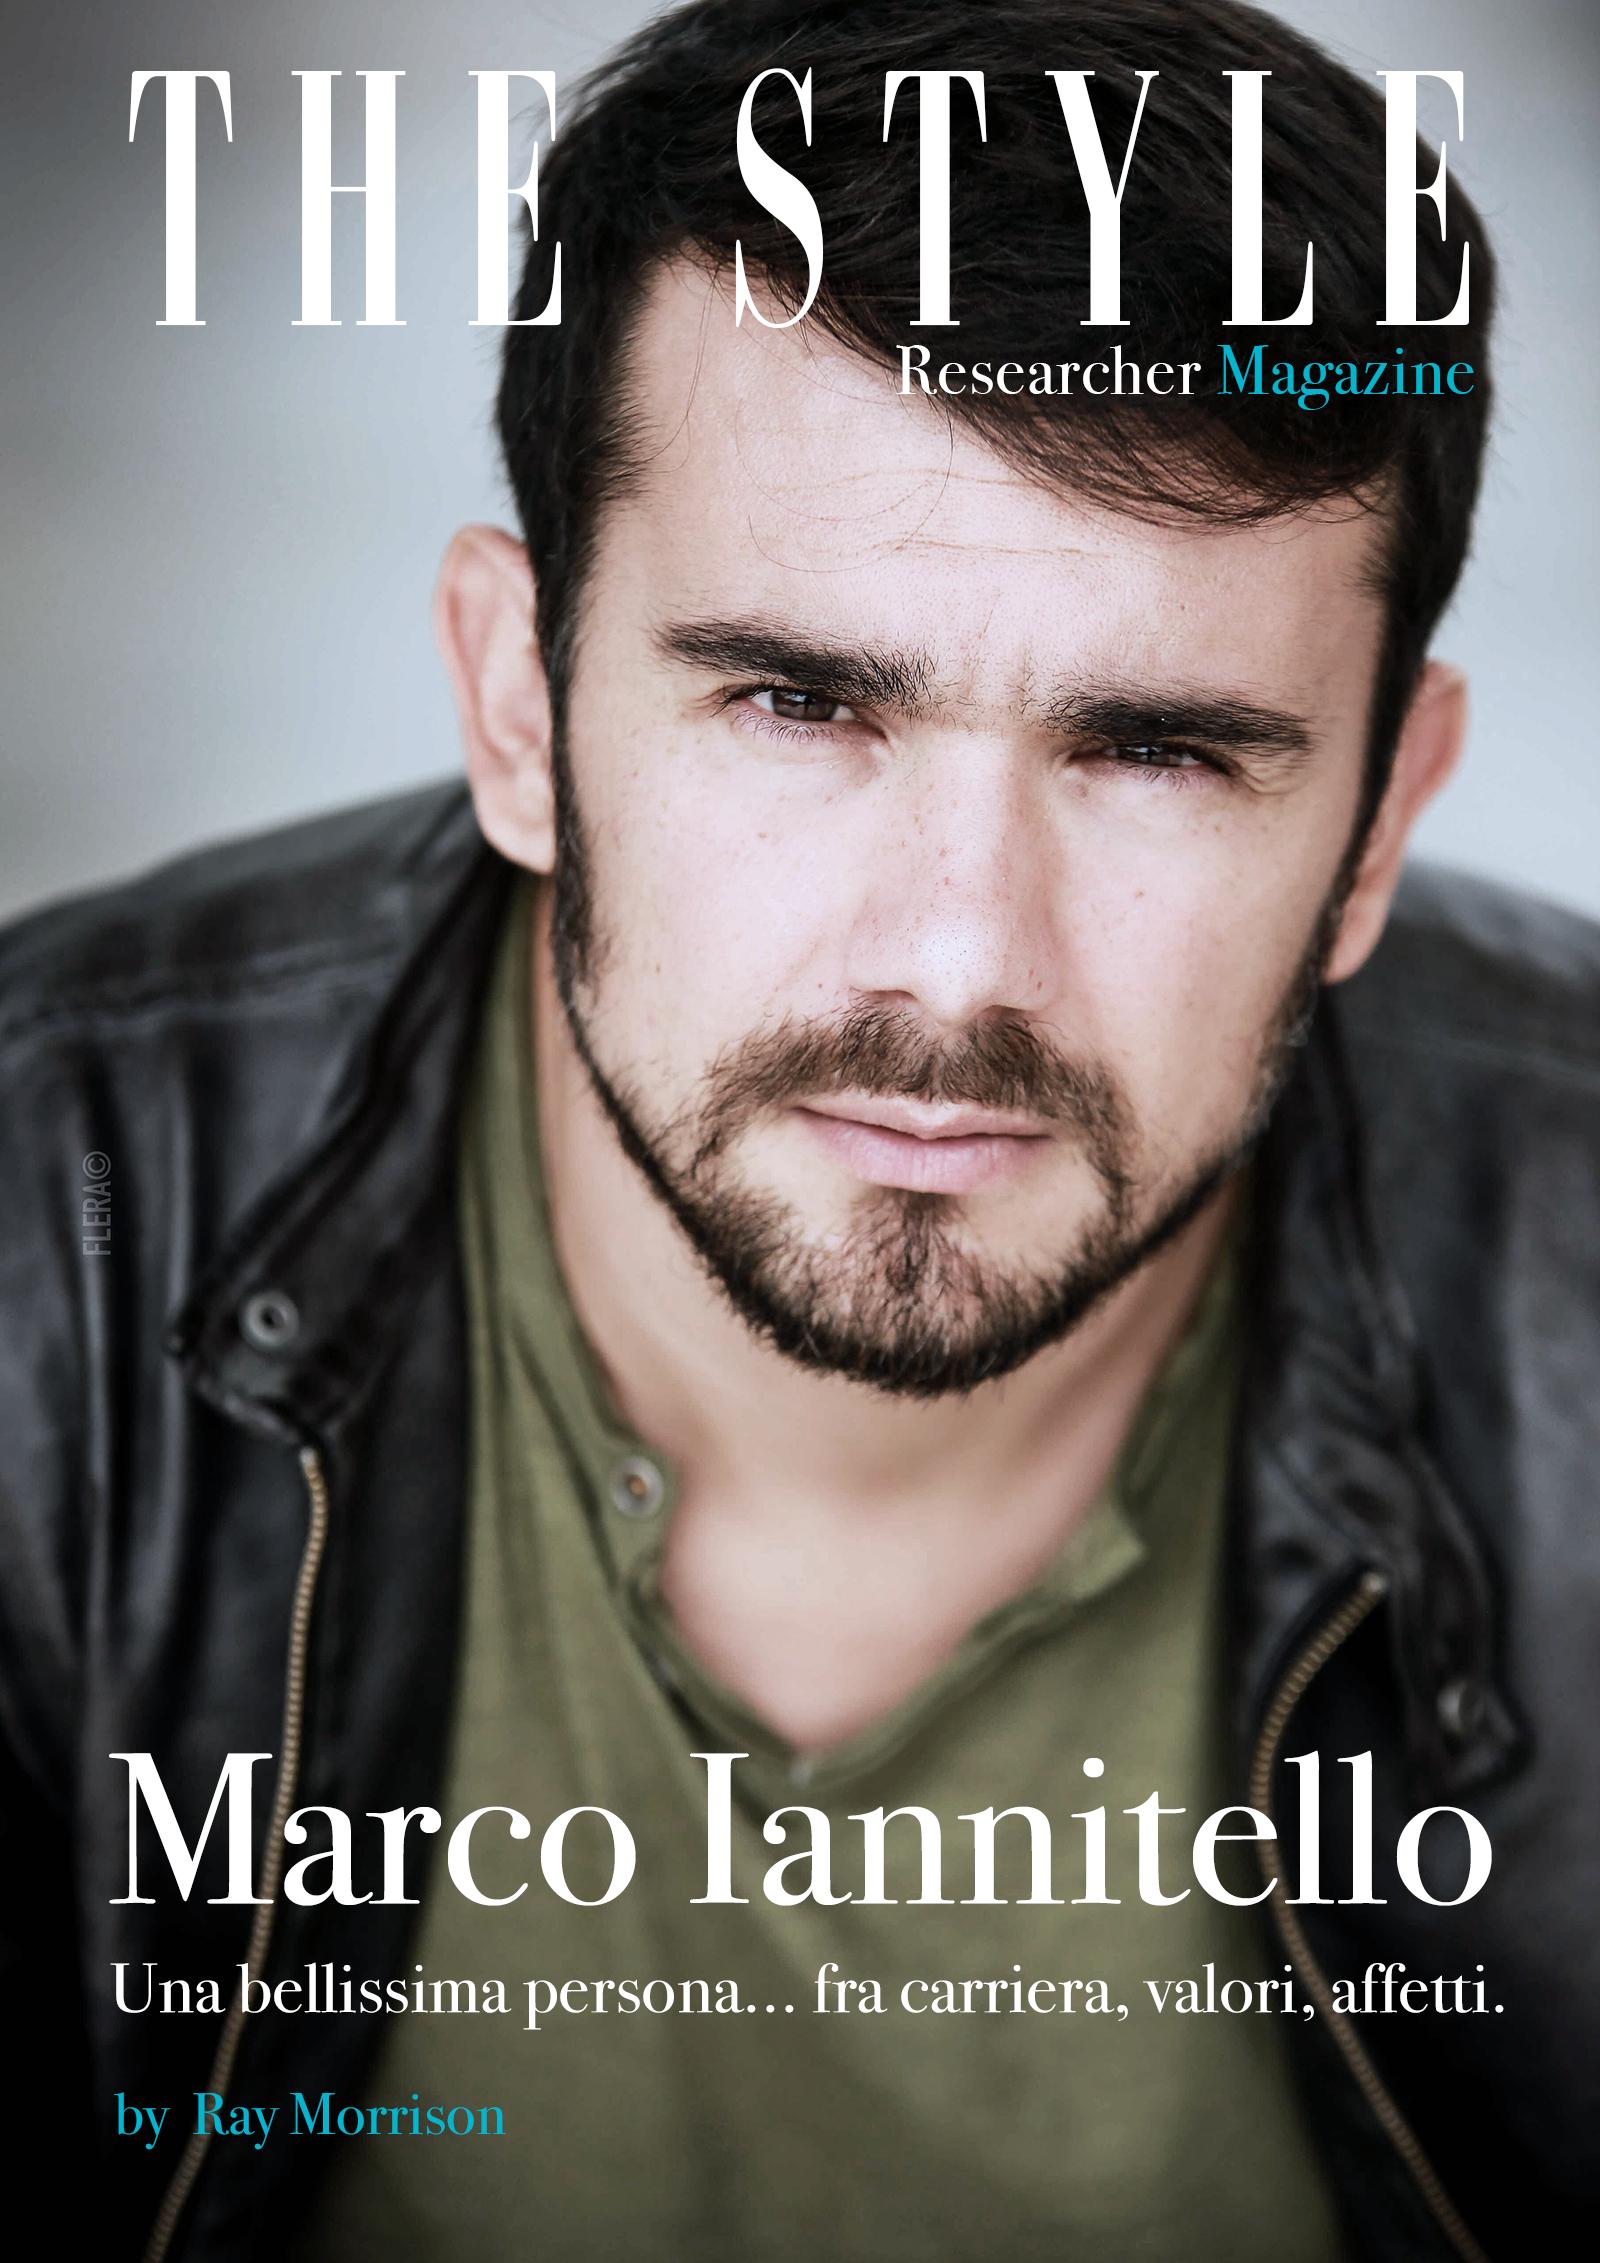 Marco Iannitello by Ray Morrison (Raimondo Rossi)